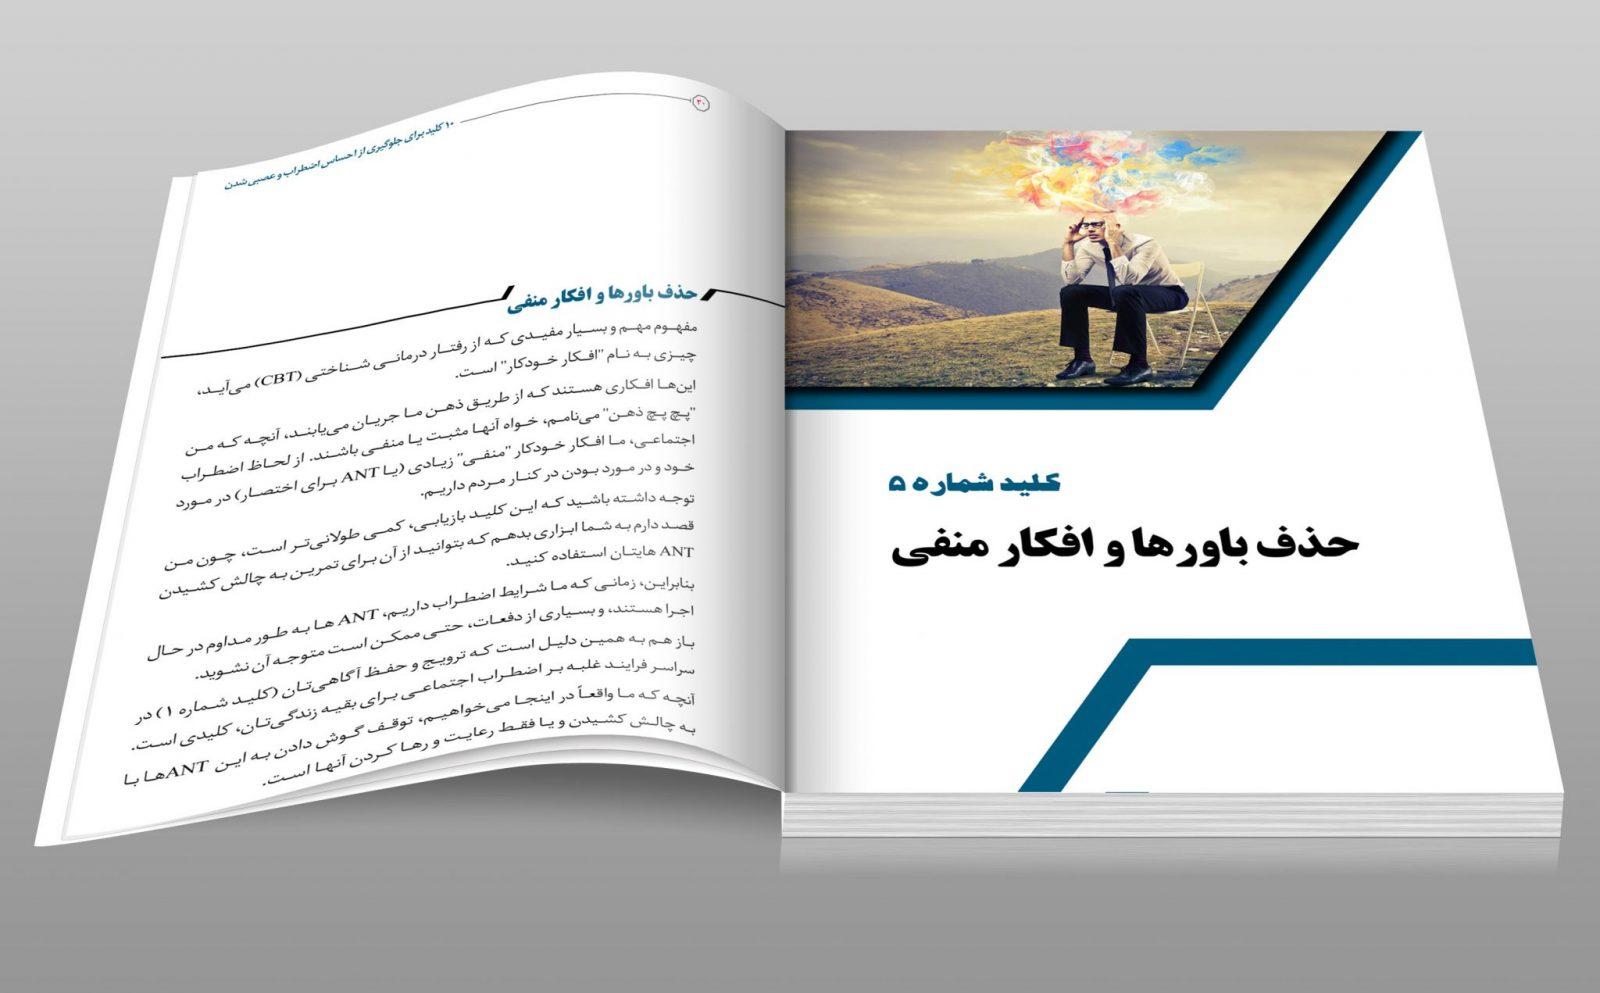 صفحات داخلی کتاب ۱۰ کلید برای جلوگیری از احساس اضطراب و عصبی شدن ۱۰ کلید برای جلوگیری از احساس اضطراب و عصبی شدن ۱۰ کلید برای جلوگیری از احساس اضطراب و عصبی شدن